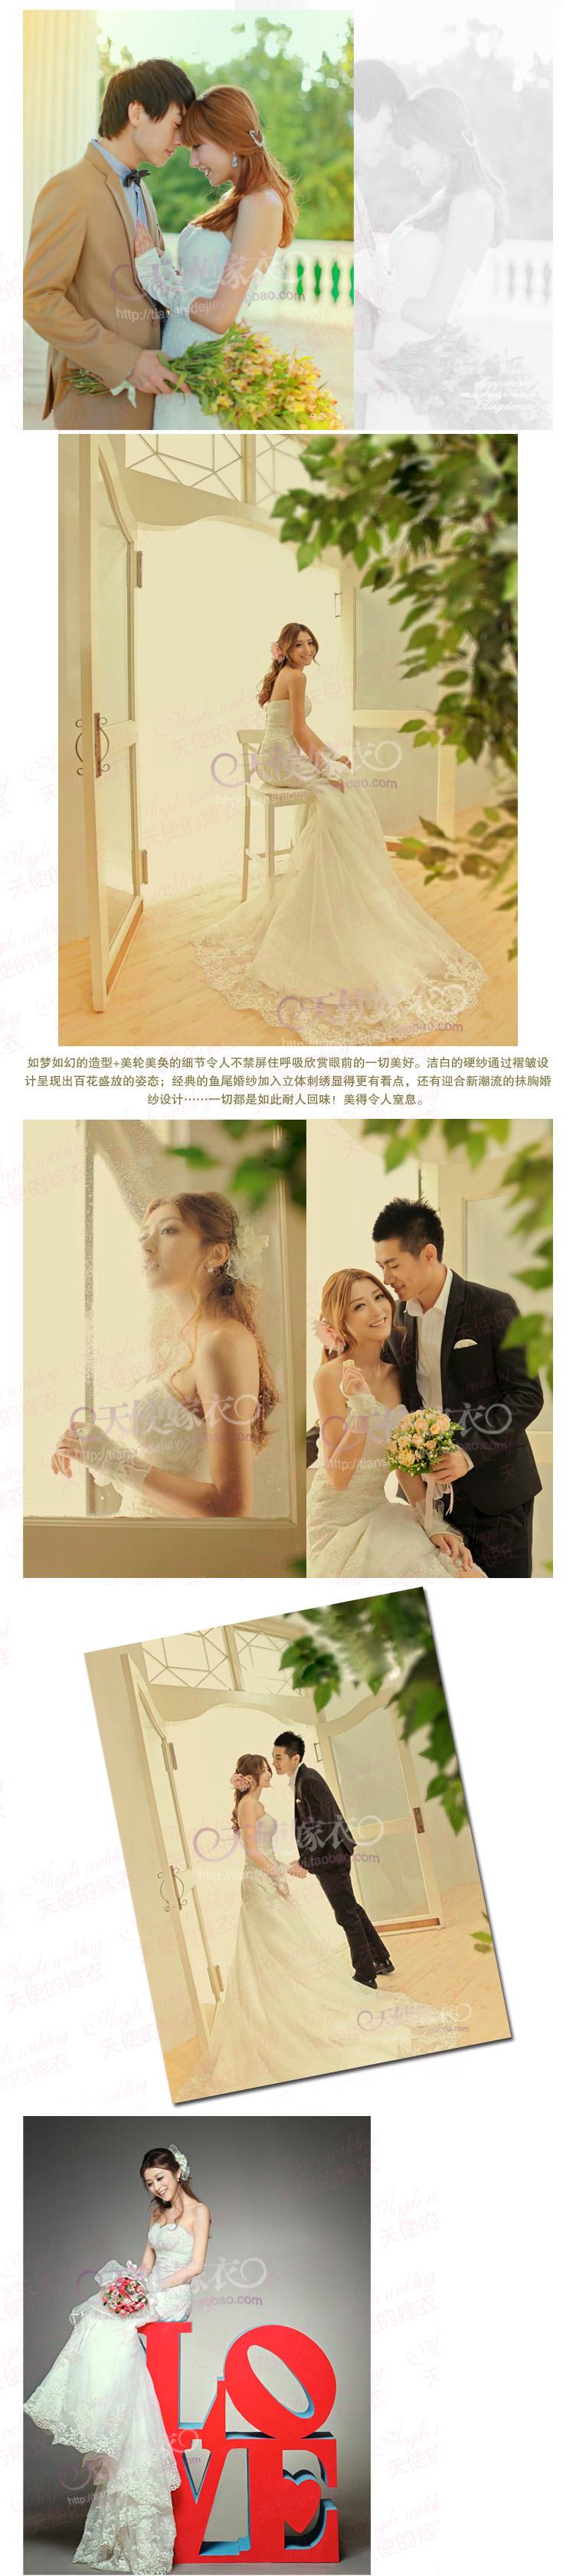 皇室童話 複古豪華 韓式純手工刺繡蕾絲拖尾婚紗禮服2011新款1011